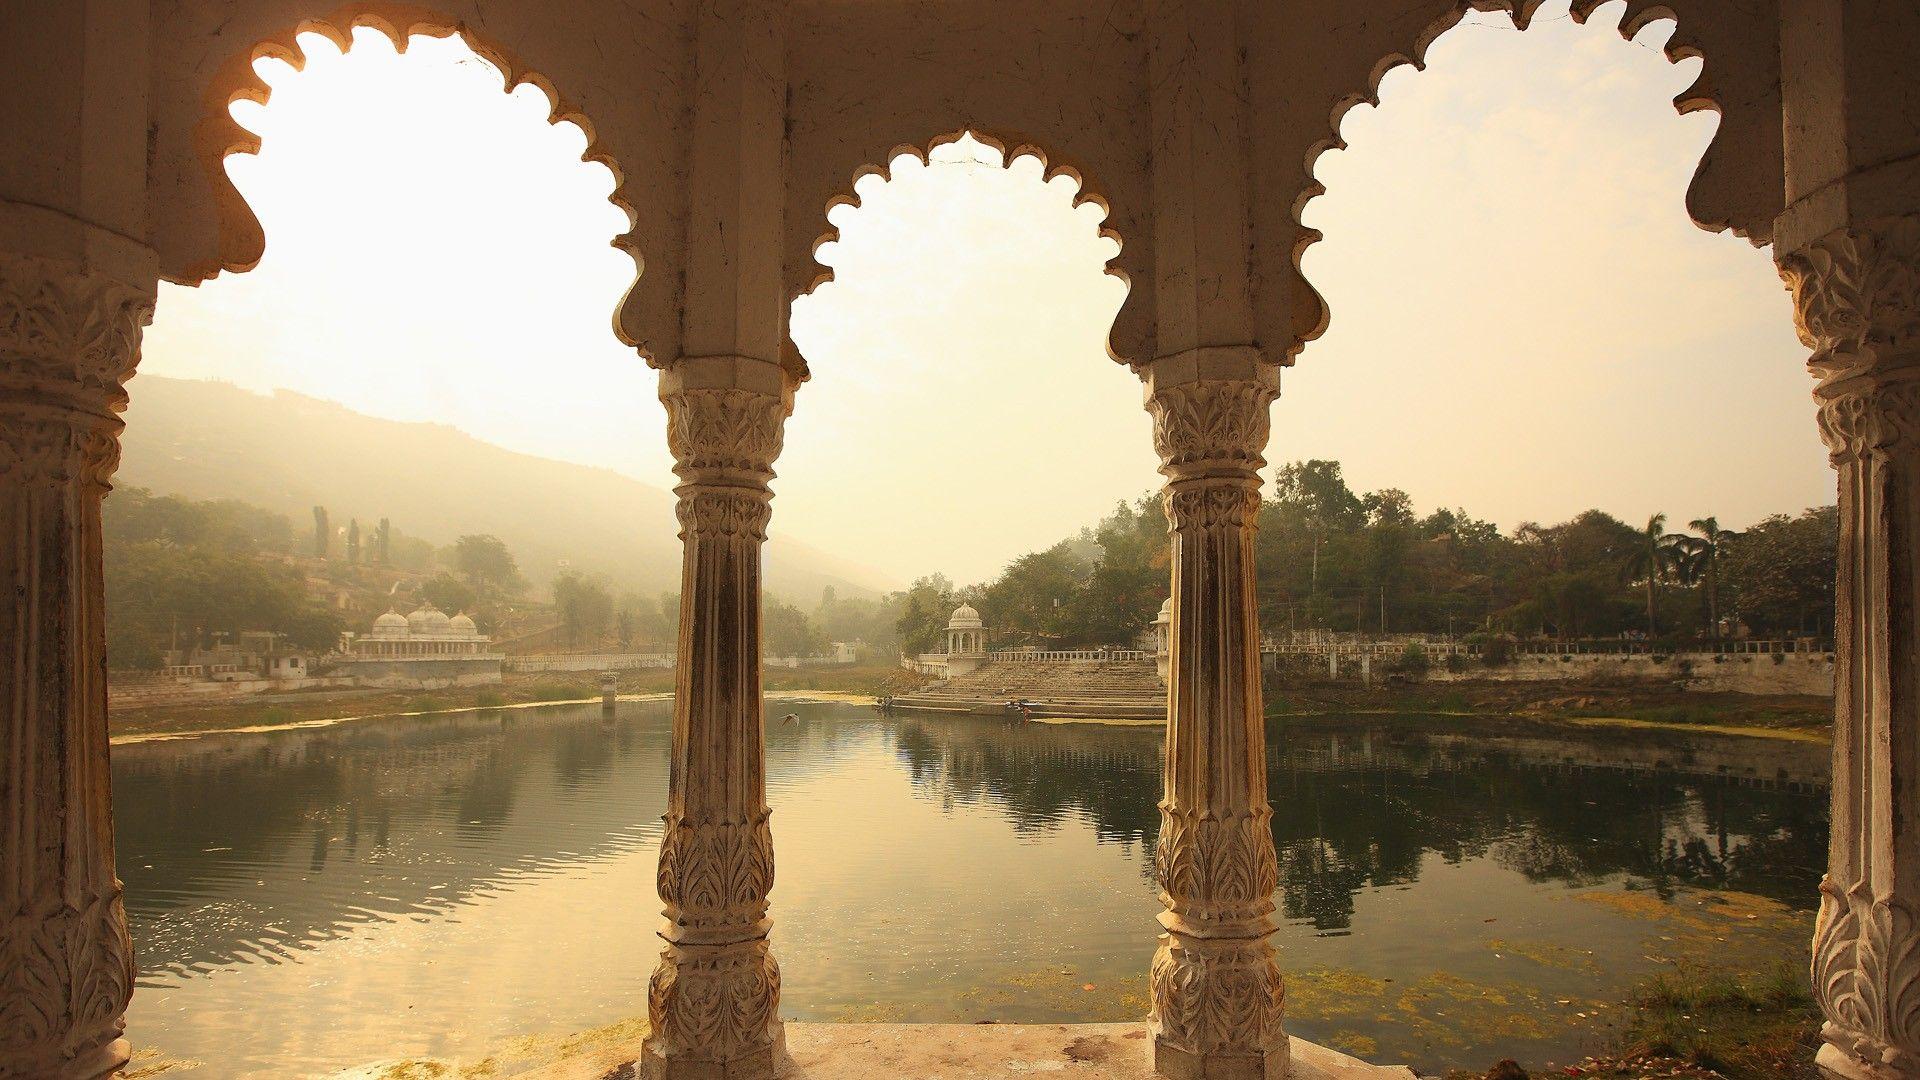 Hd wallpaper india - Temple Delhi India Hd Desktop Wallpaper High Definition